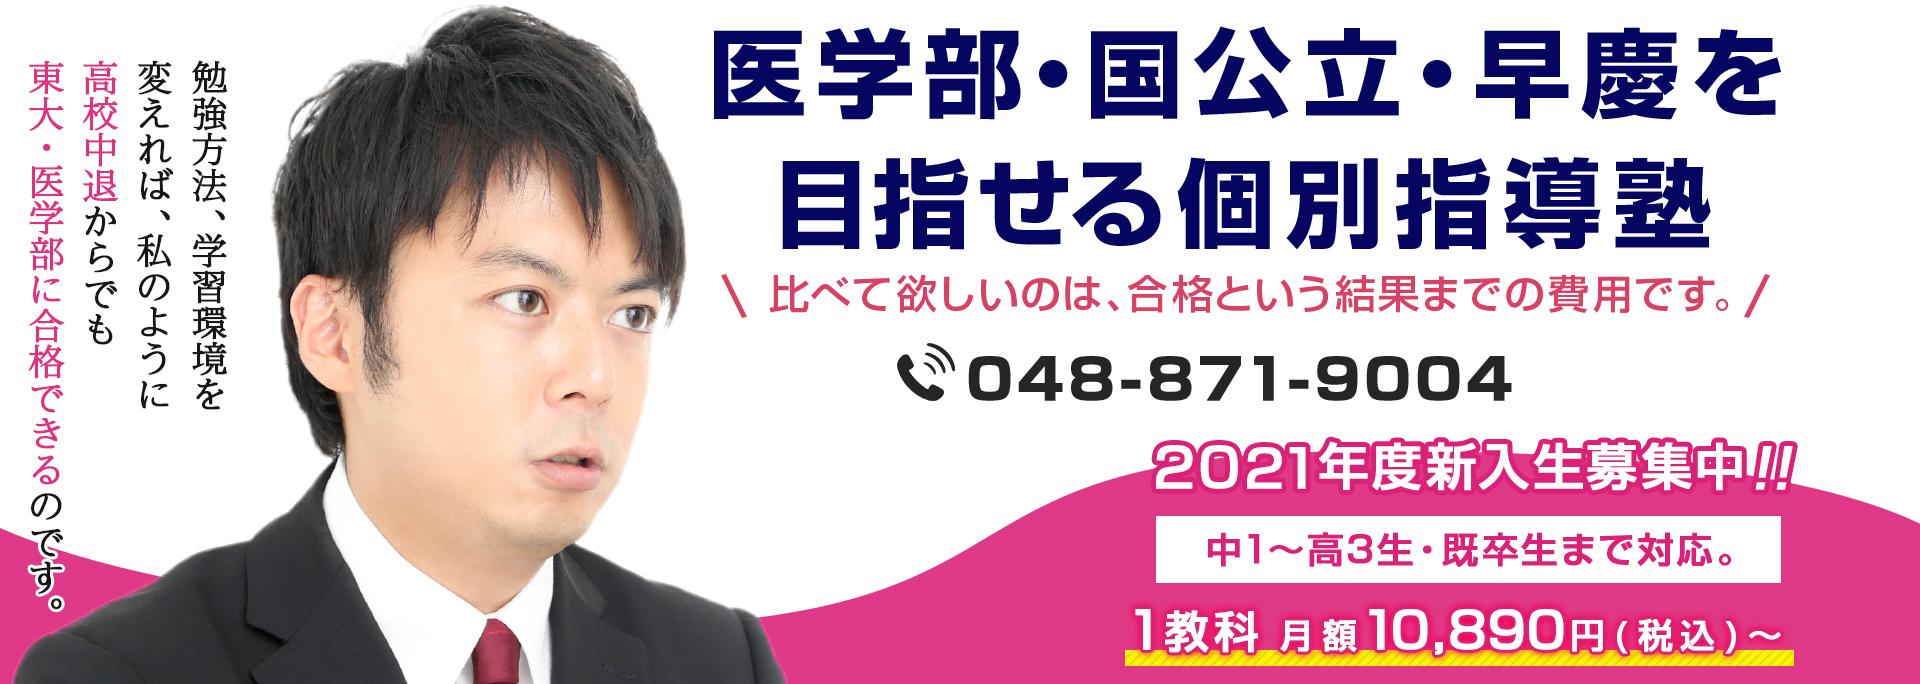 桜凛進学塾の超効率勉強法